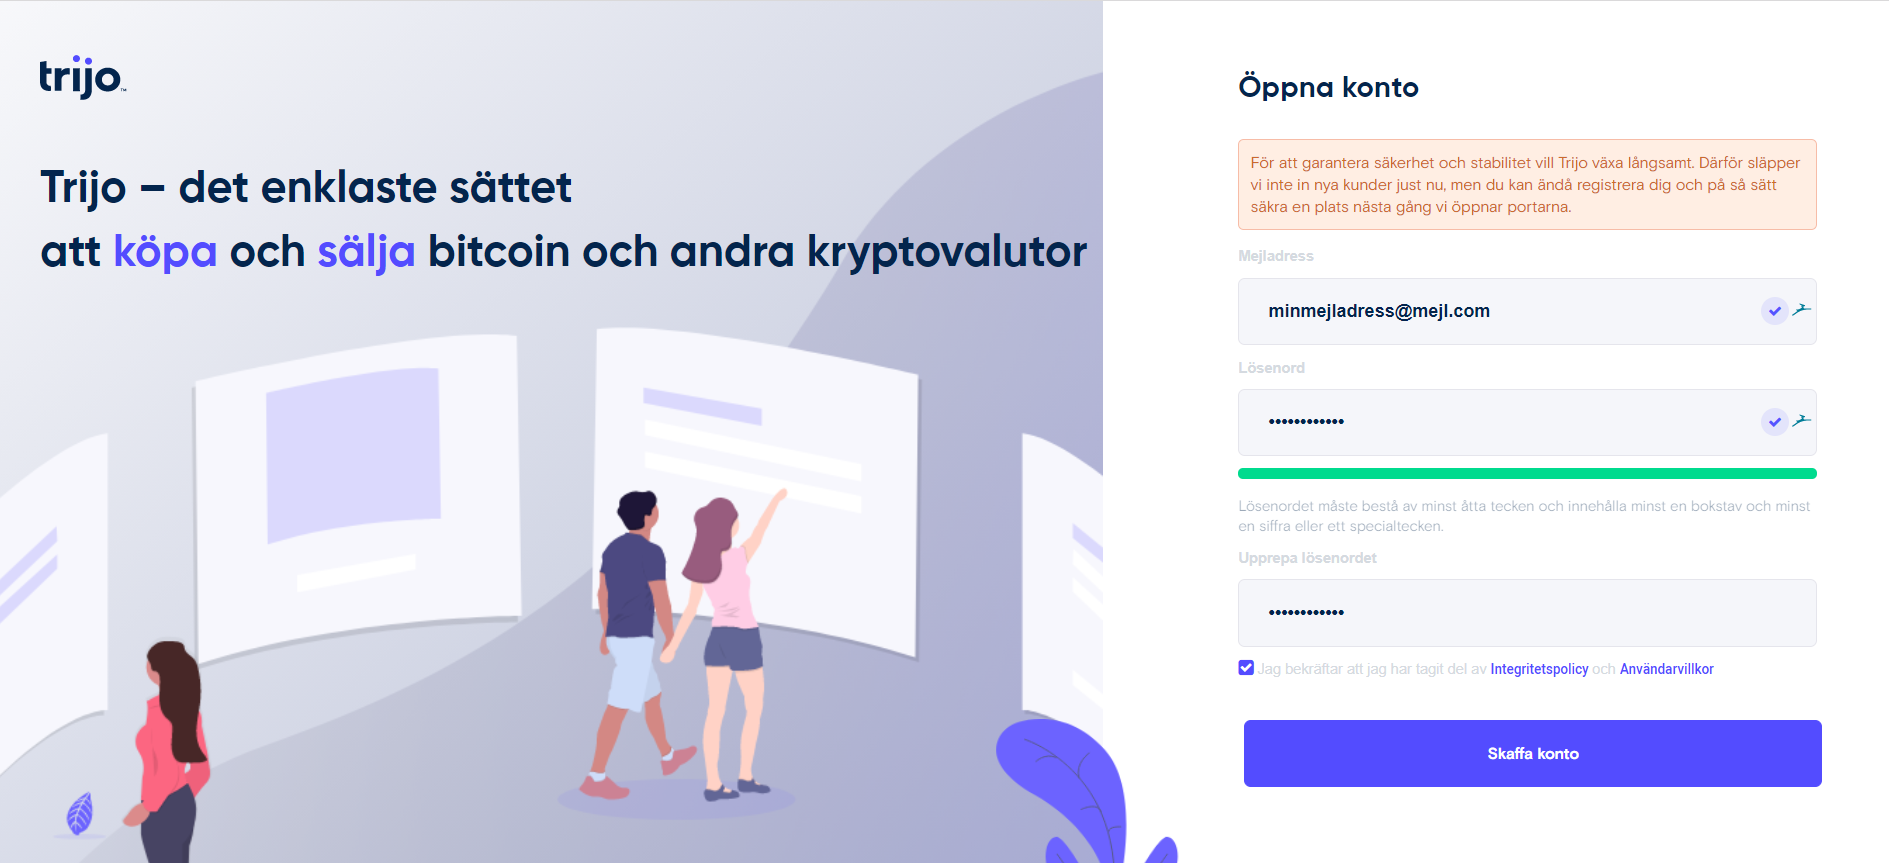 Guide: registrerar du dig på Trijo.co för att köpa bitcoin